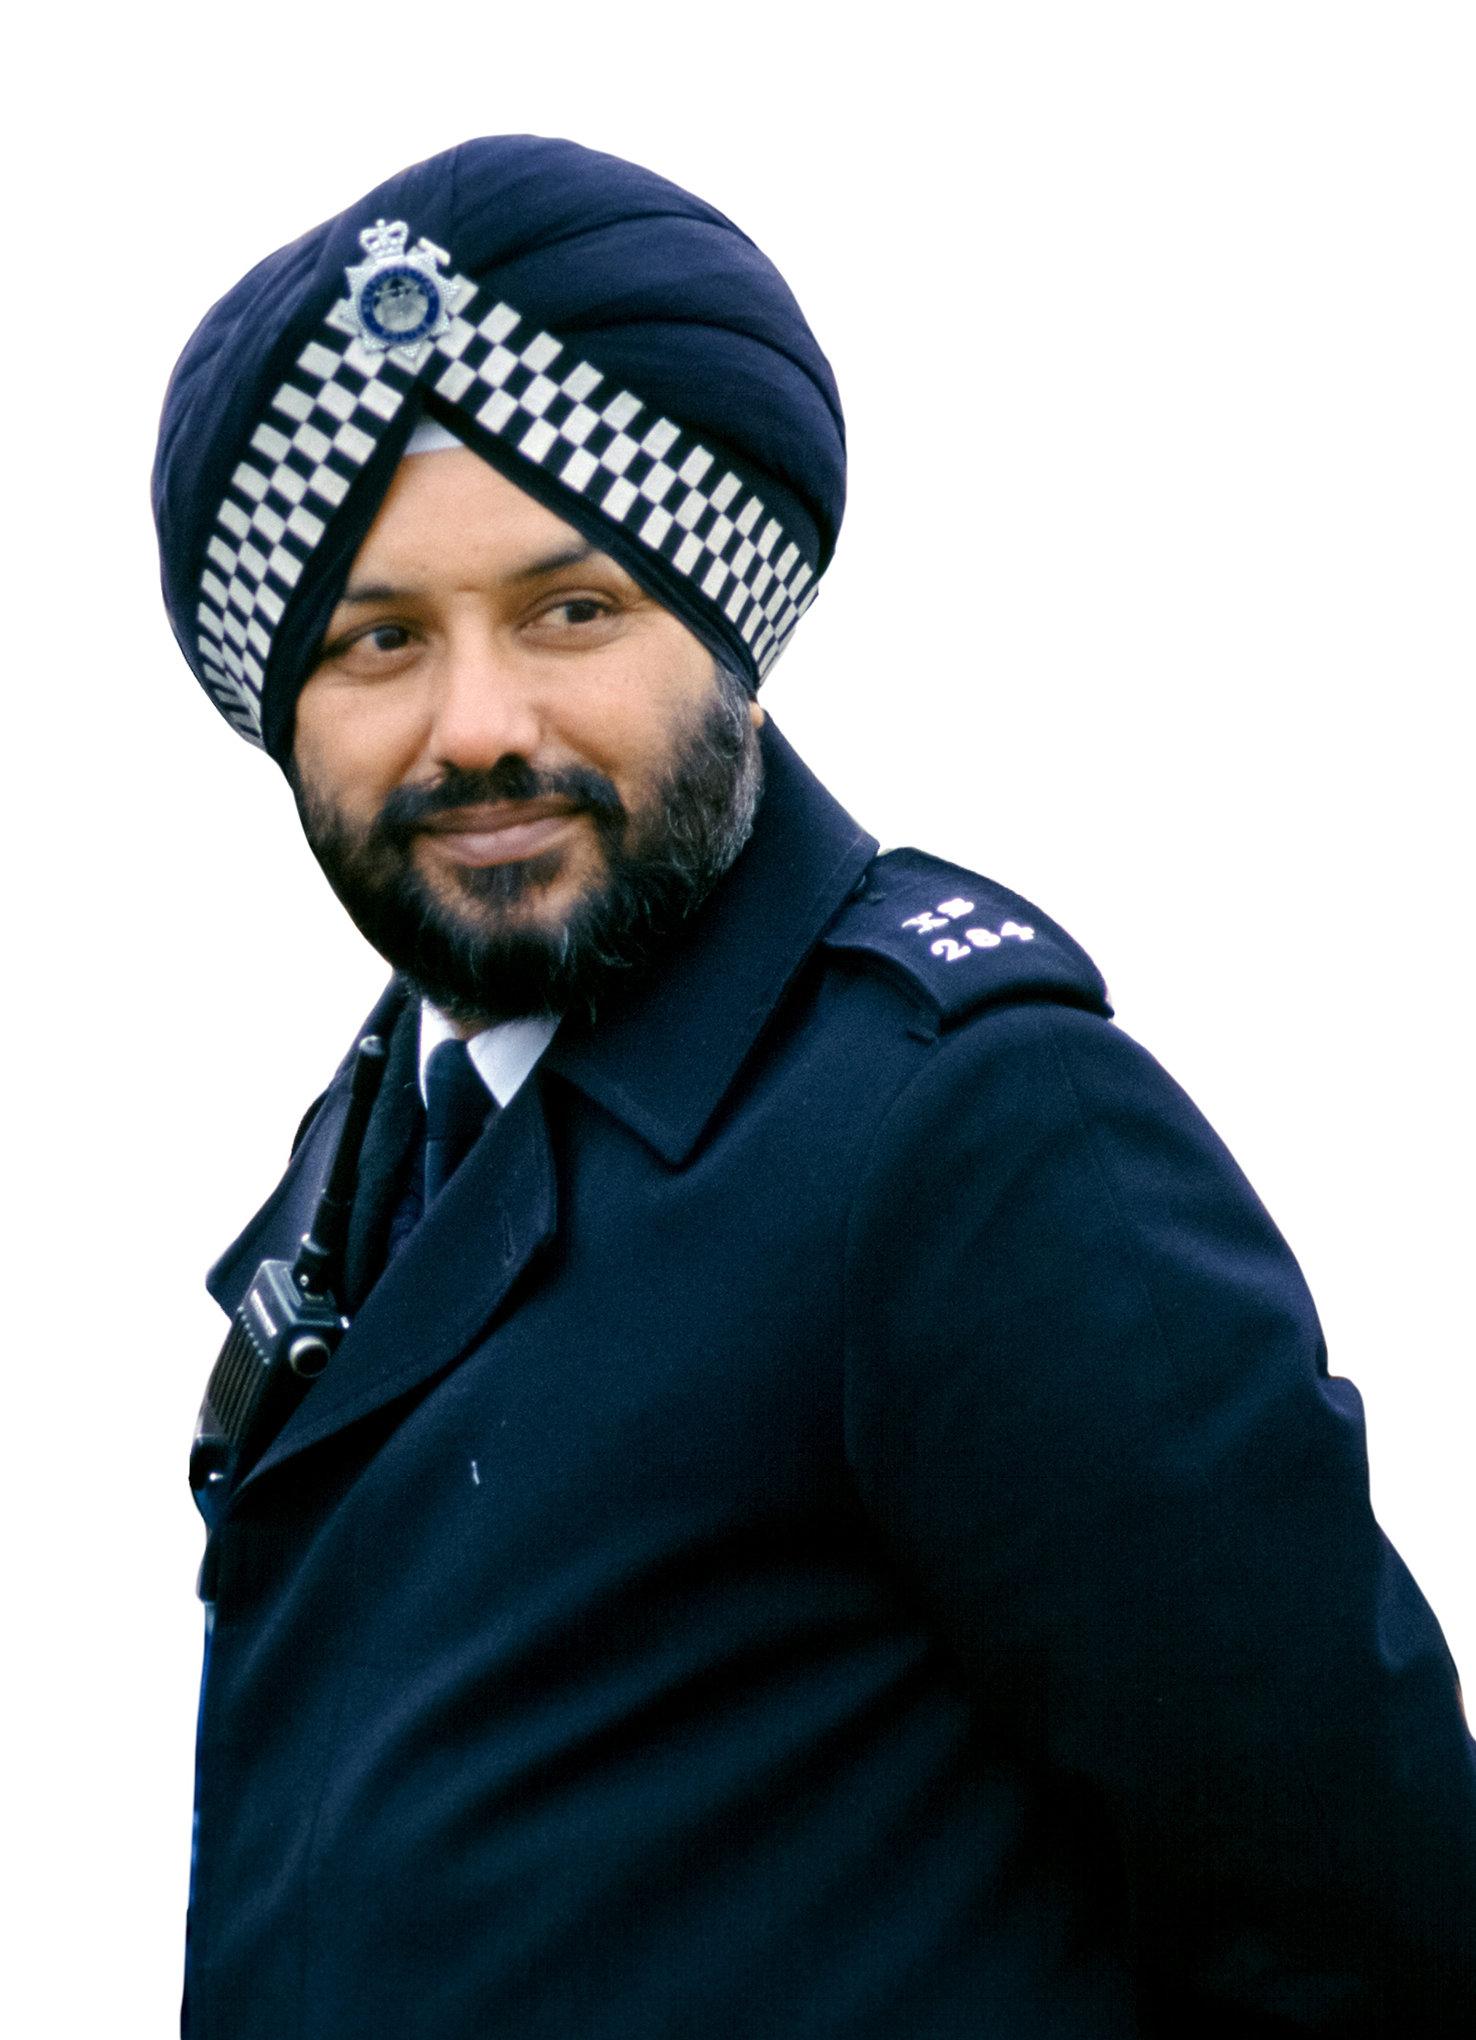 Sikh police officer